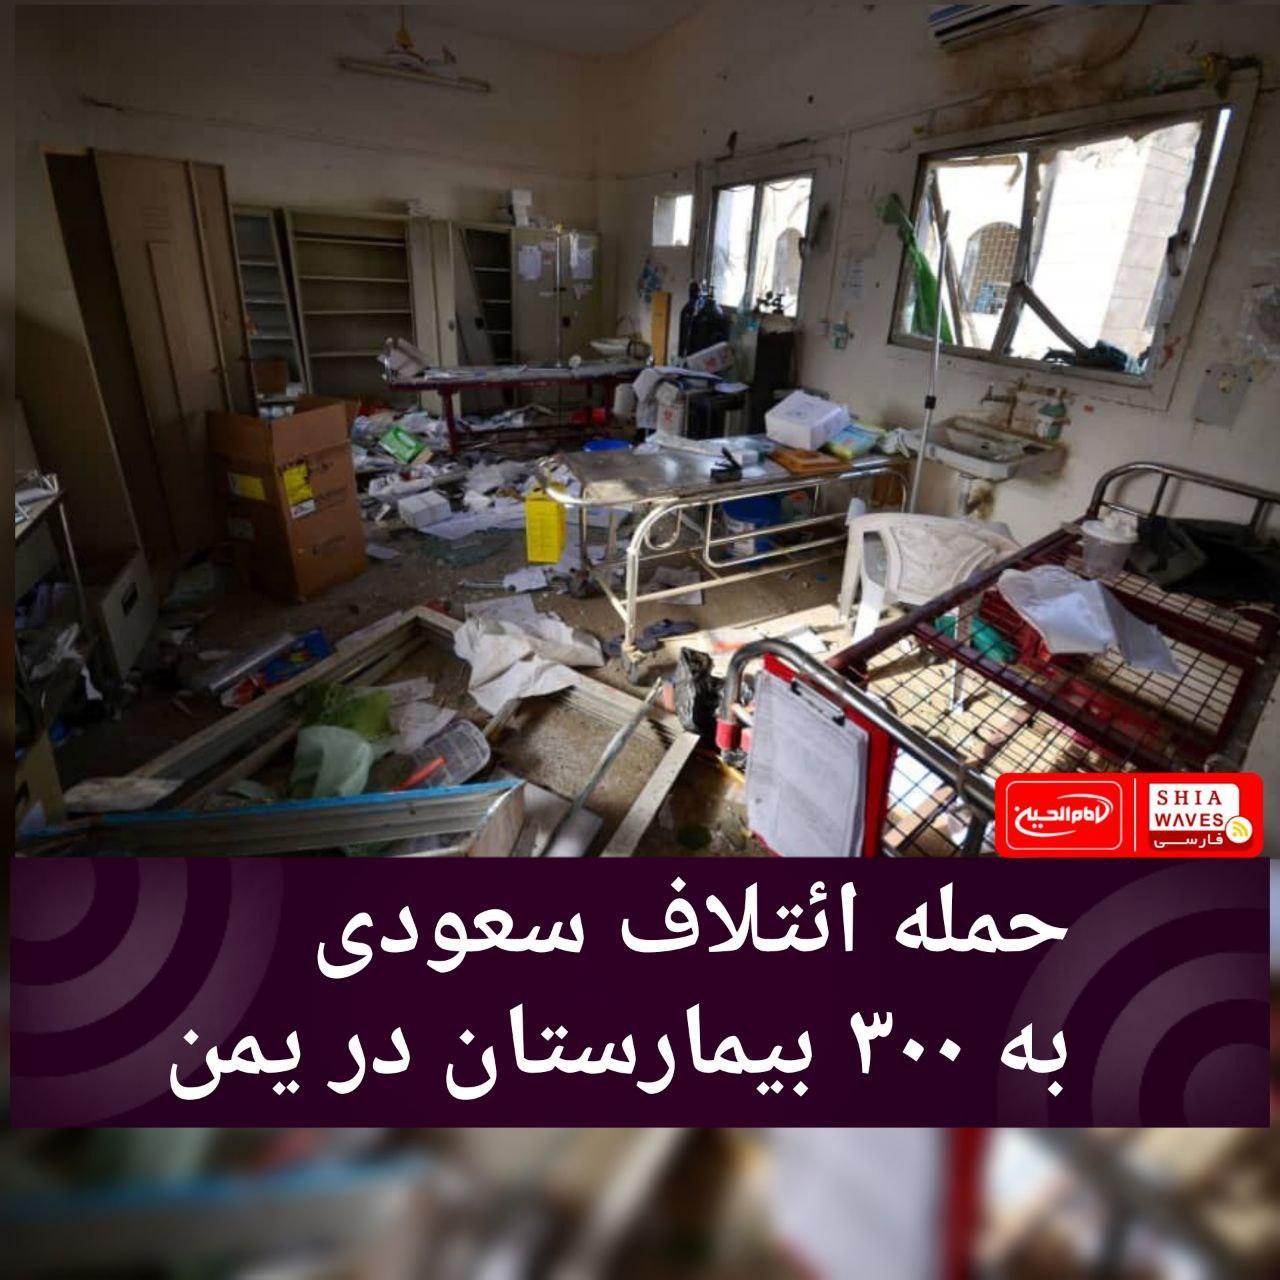 تصویر حمله ائتلاف سعودی به ۳۰۰ بیمارستان در یمن